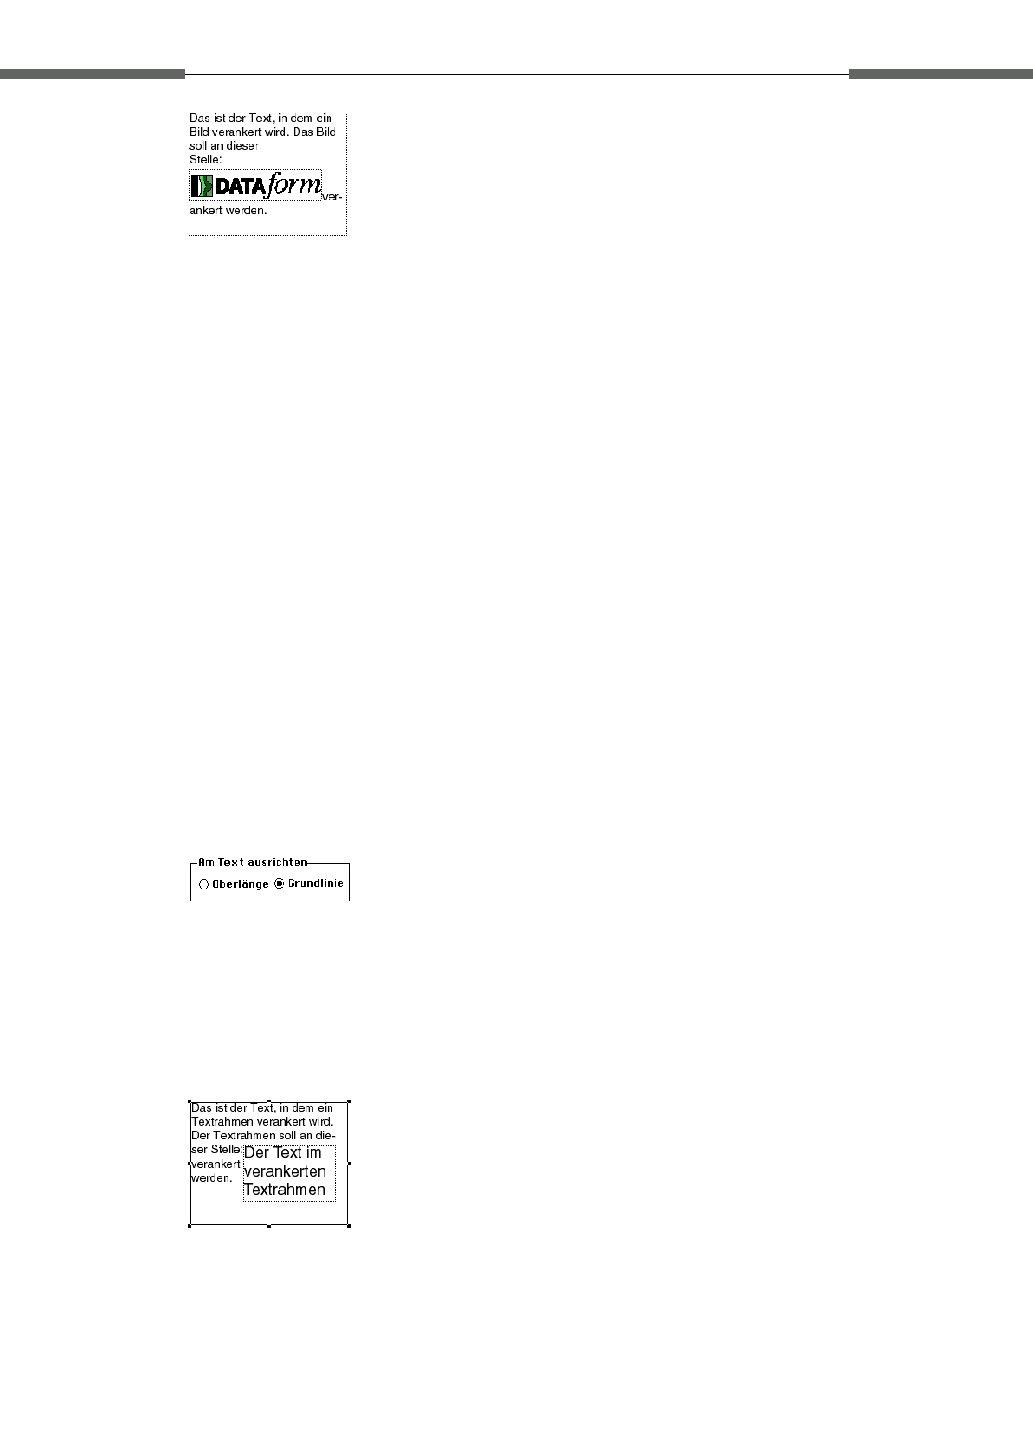 Database-publishing mit DATAform